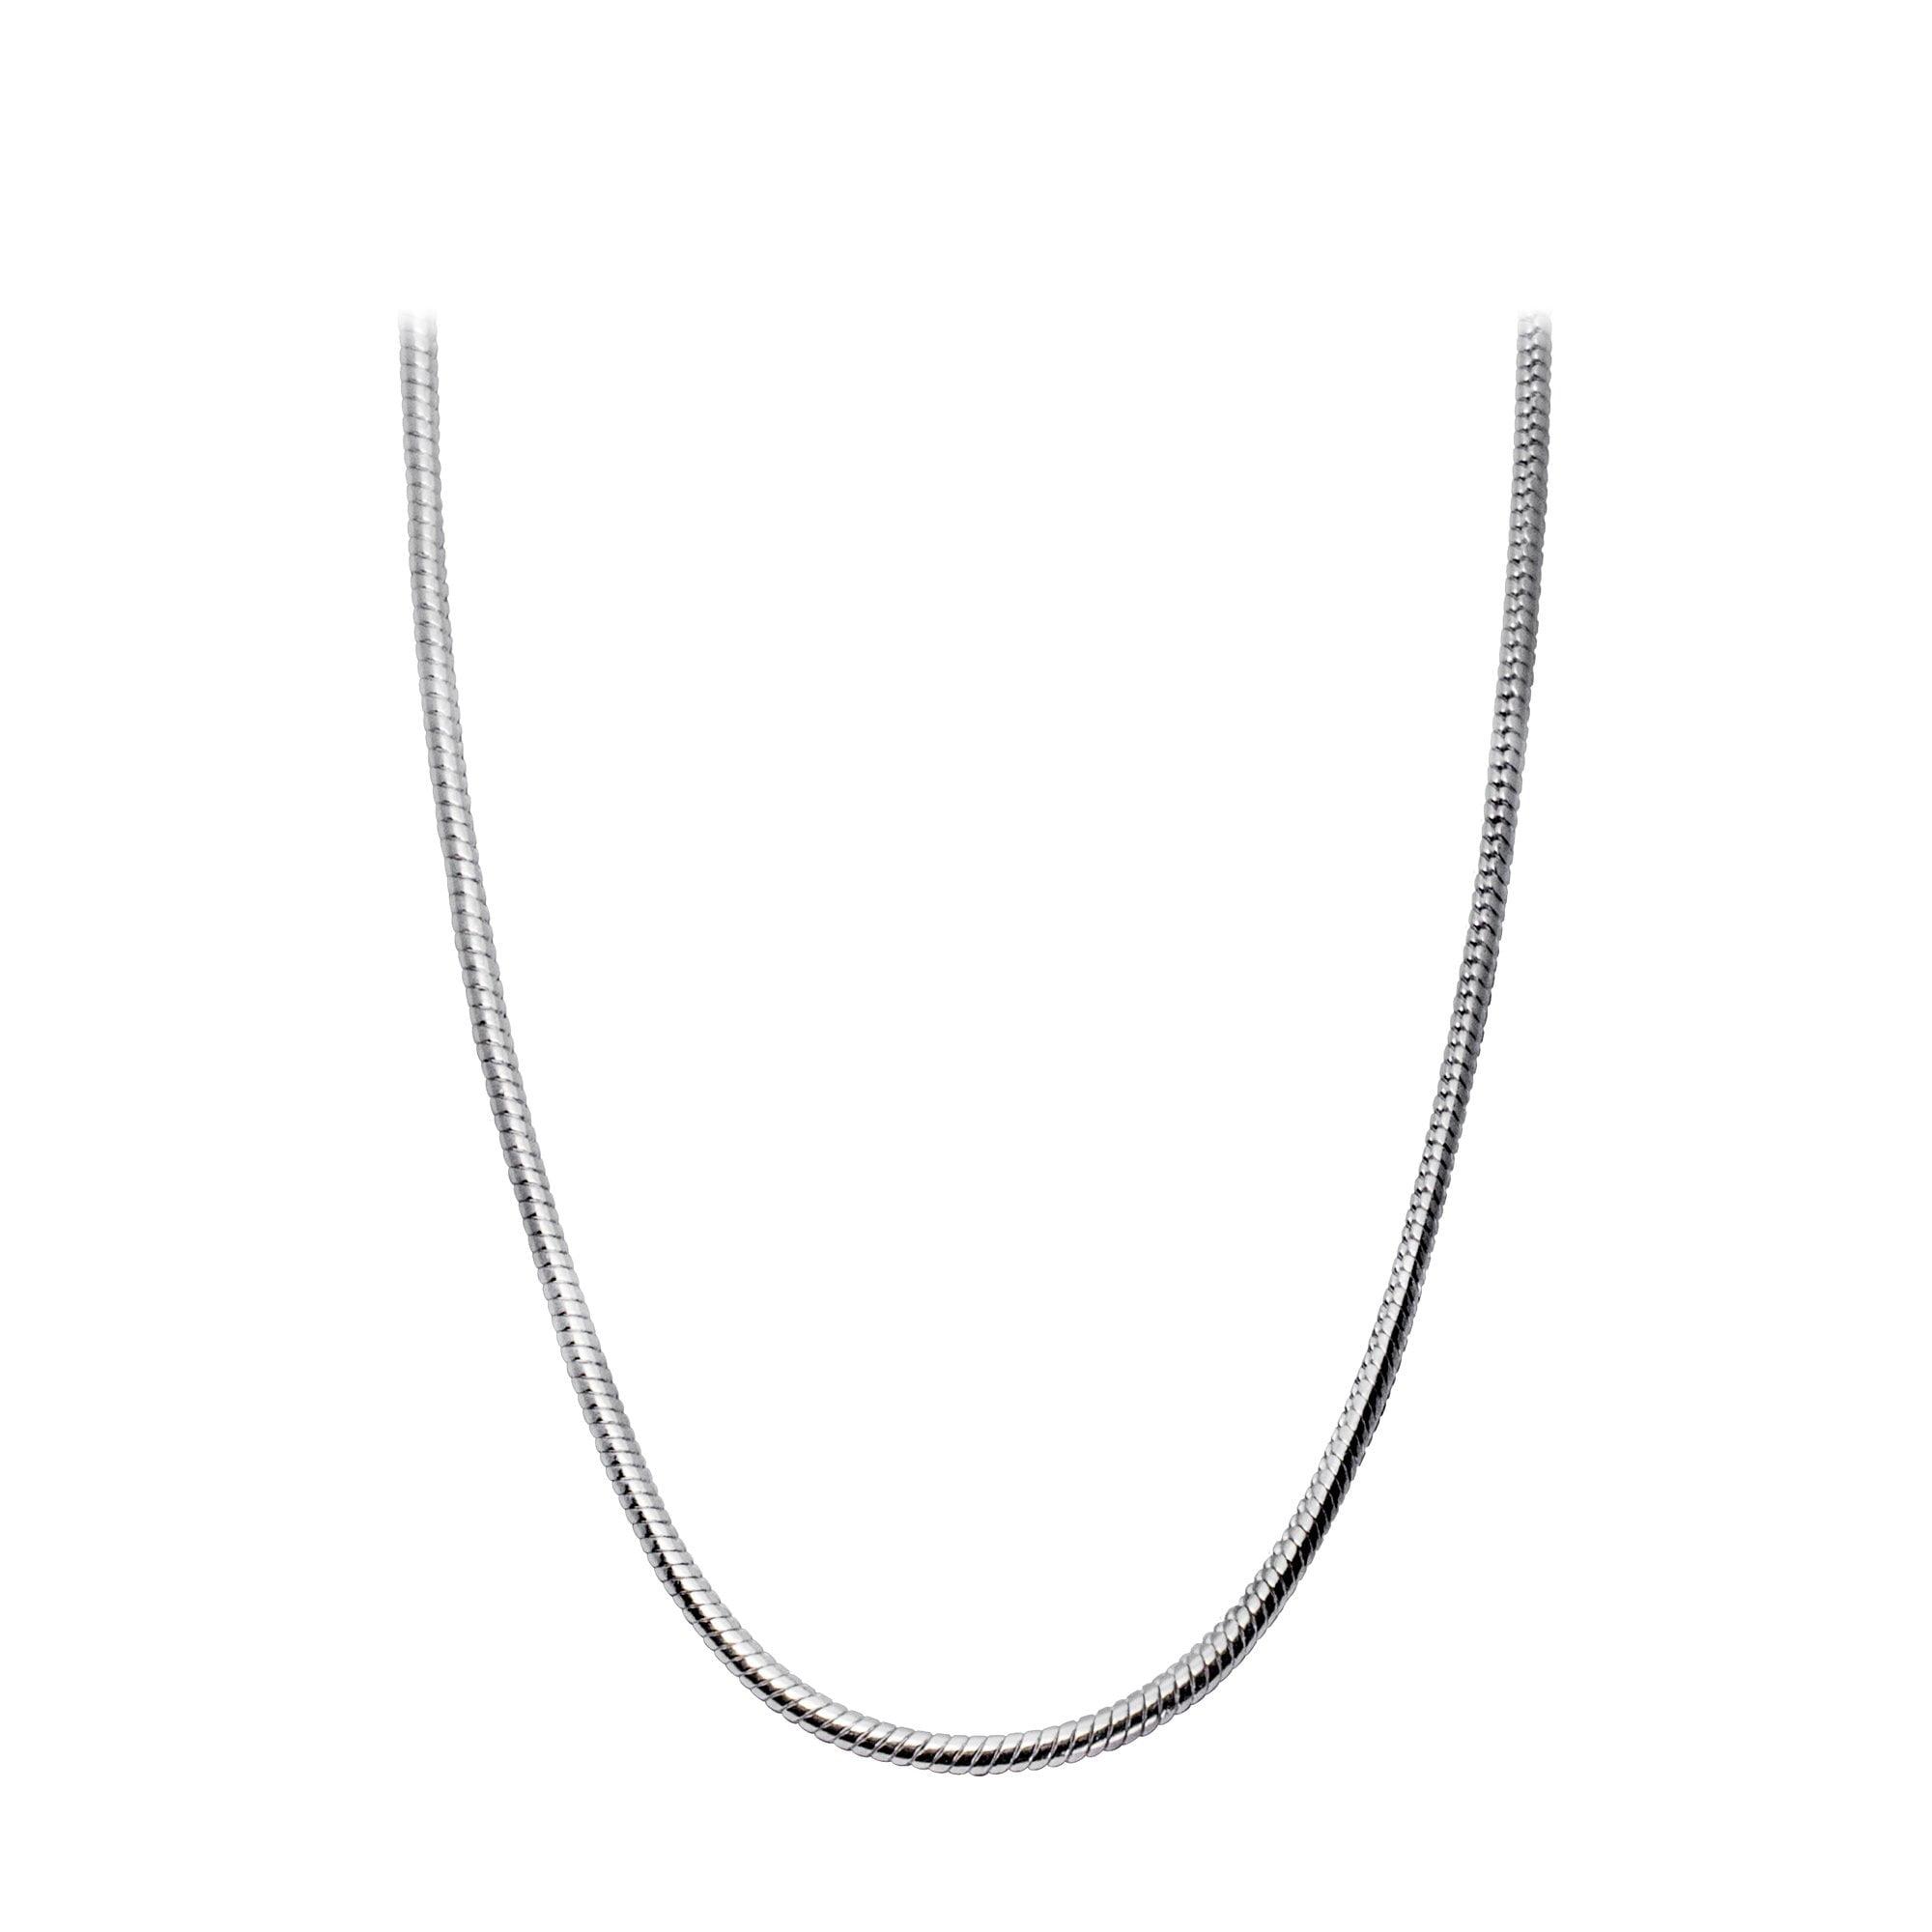 Silver Roper Chain